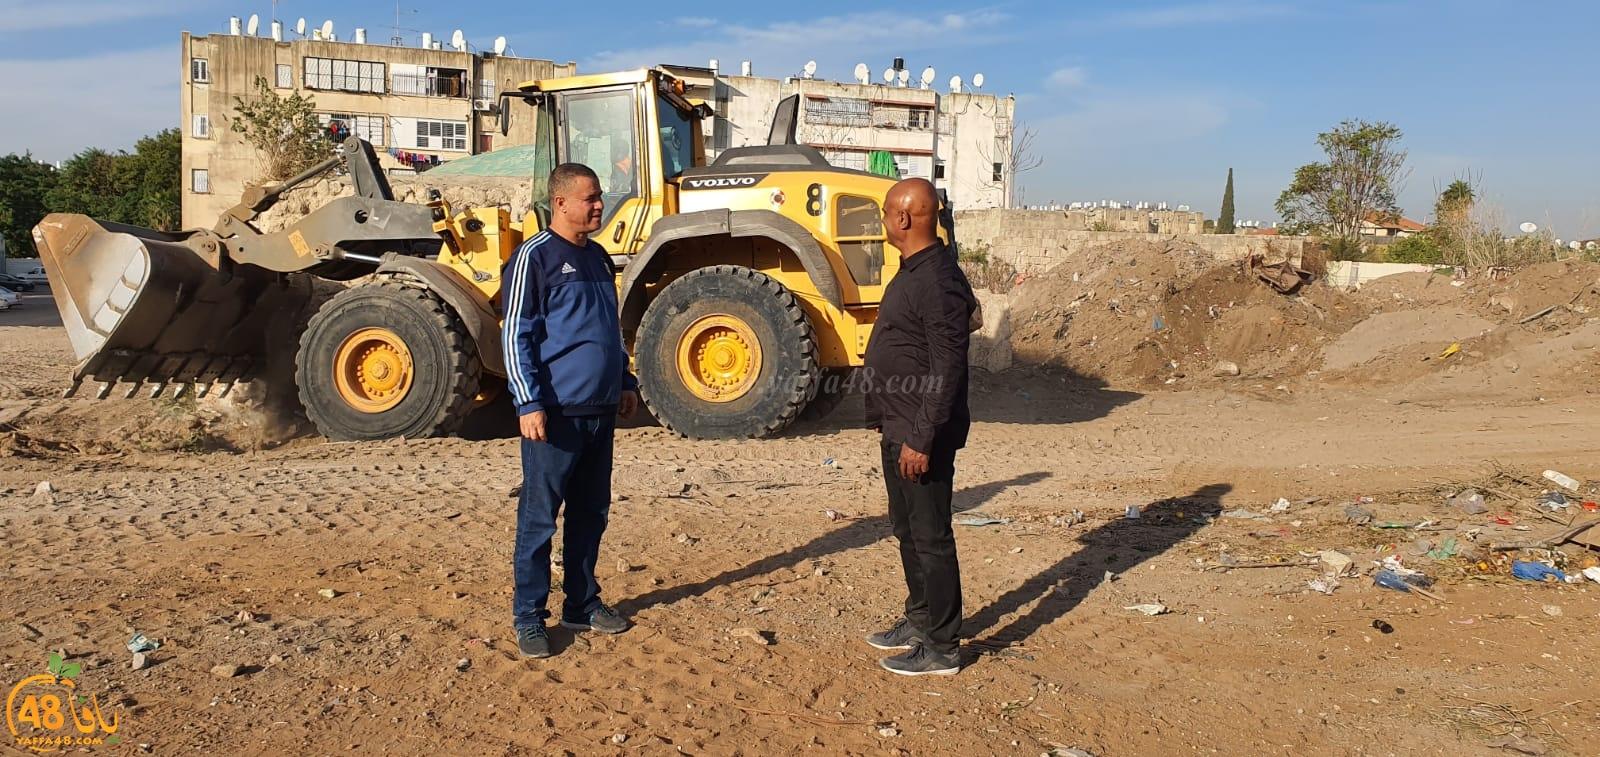 فيديو: معسكر الرباط ينطلق السبت في مدينة اللد ودعوة أهالي يافا، اللد والرملة للمشاركة